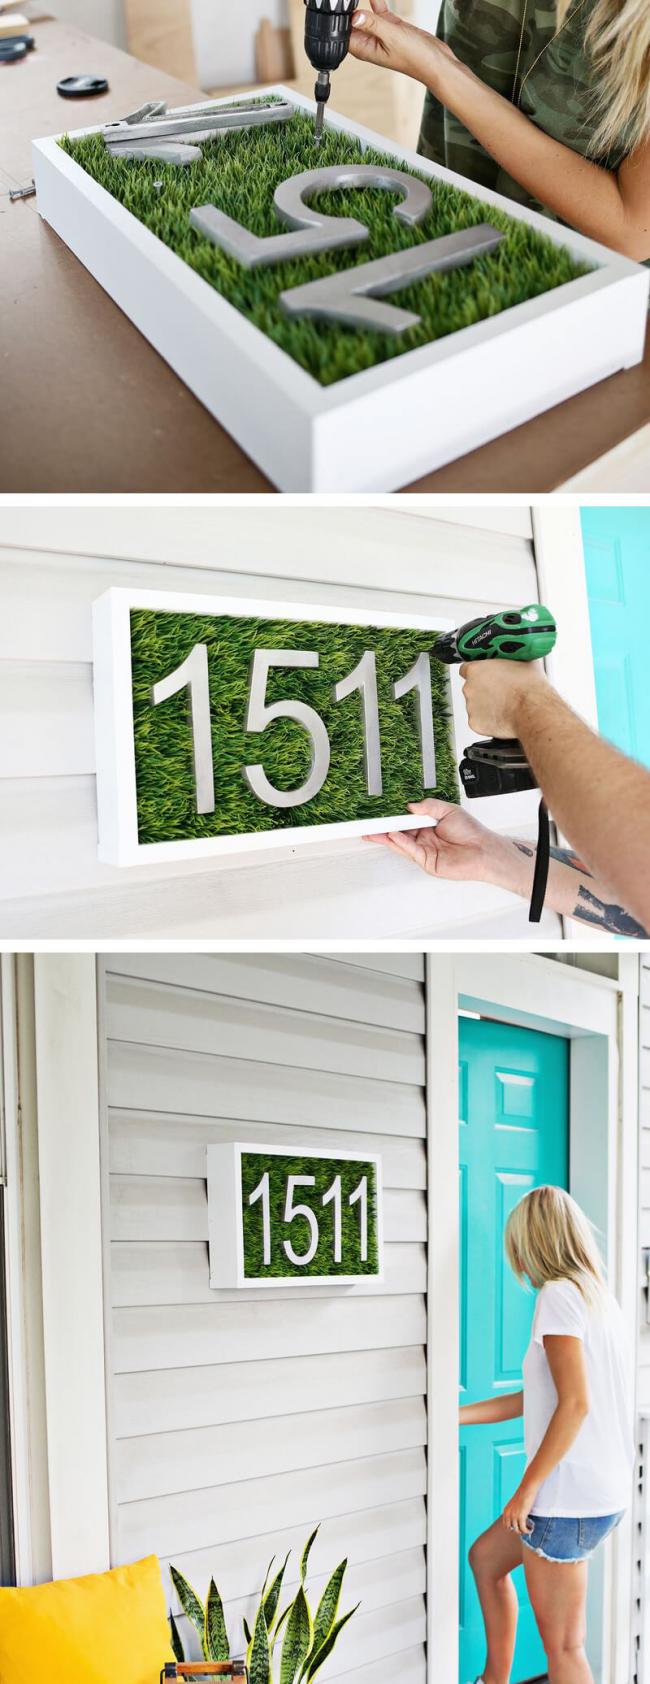 Изготовление адресной доски своими руками